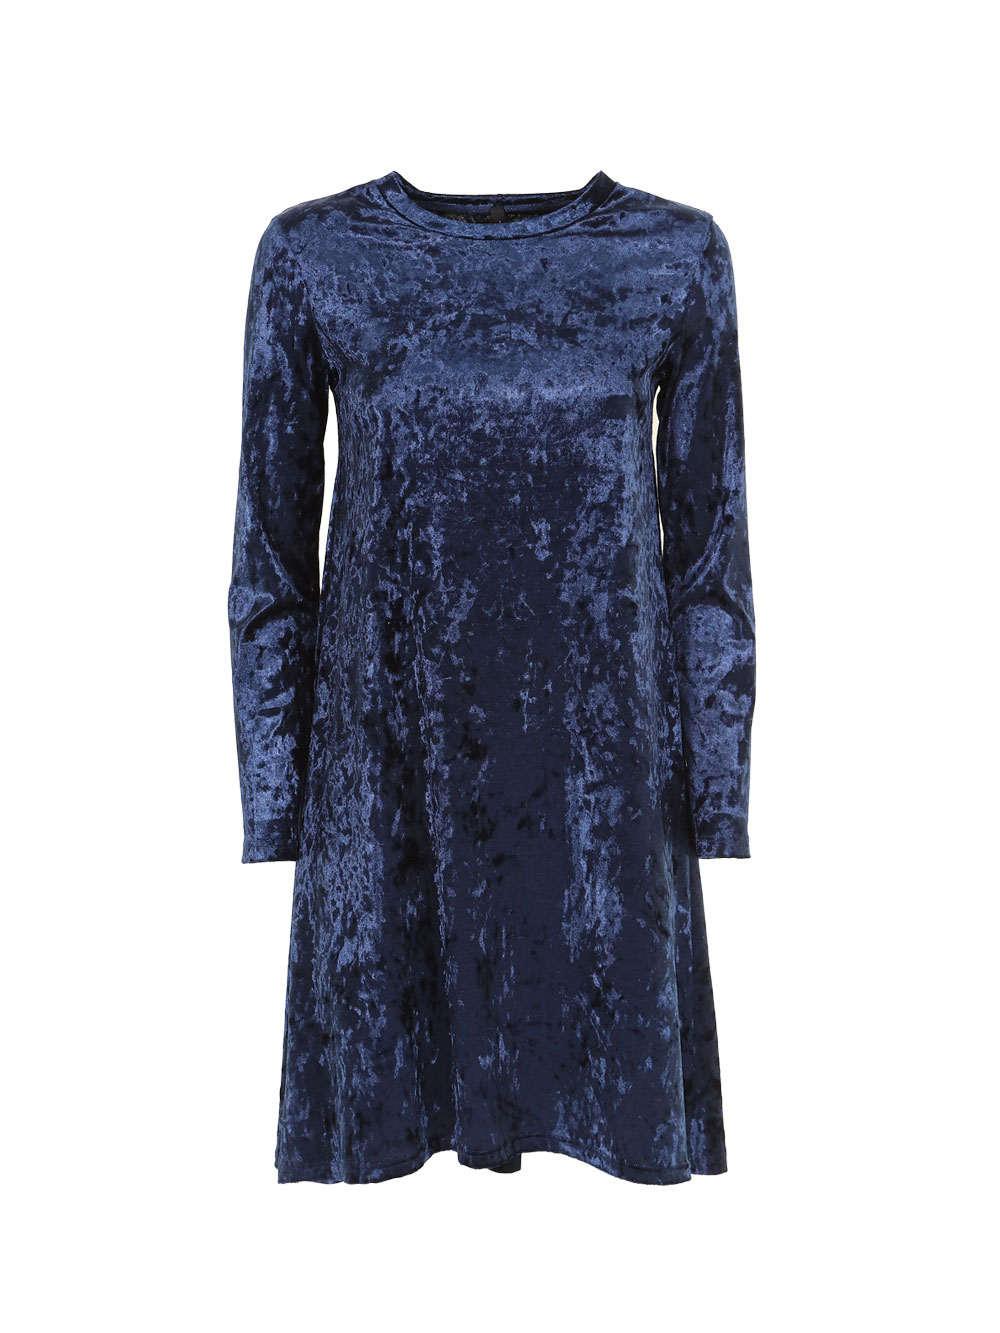 Велюрова сукня італійського бренду Imperial